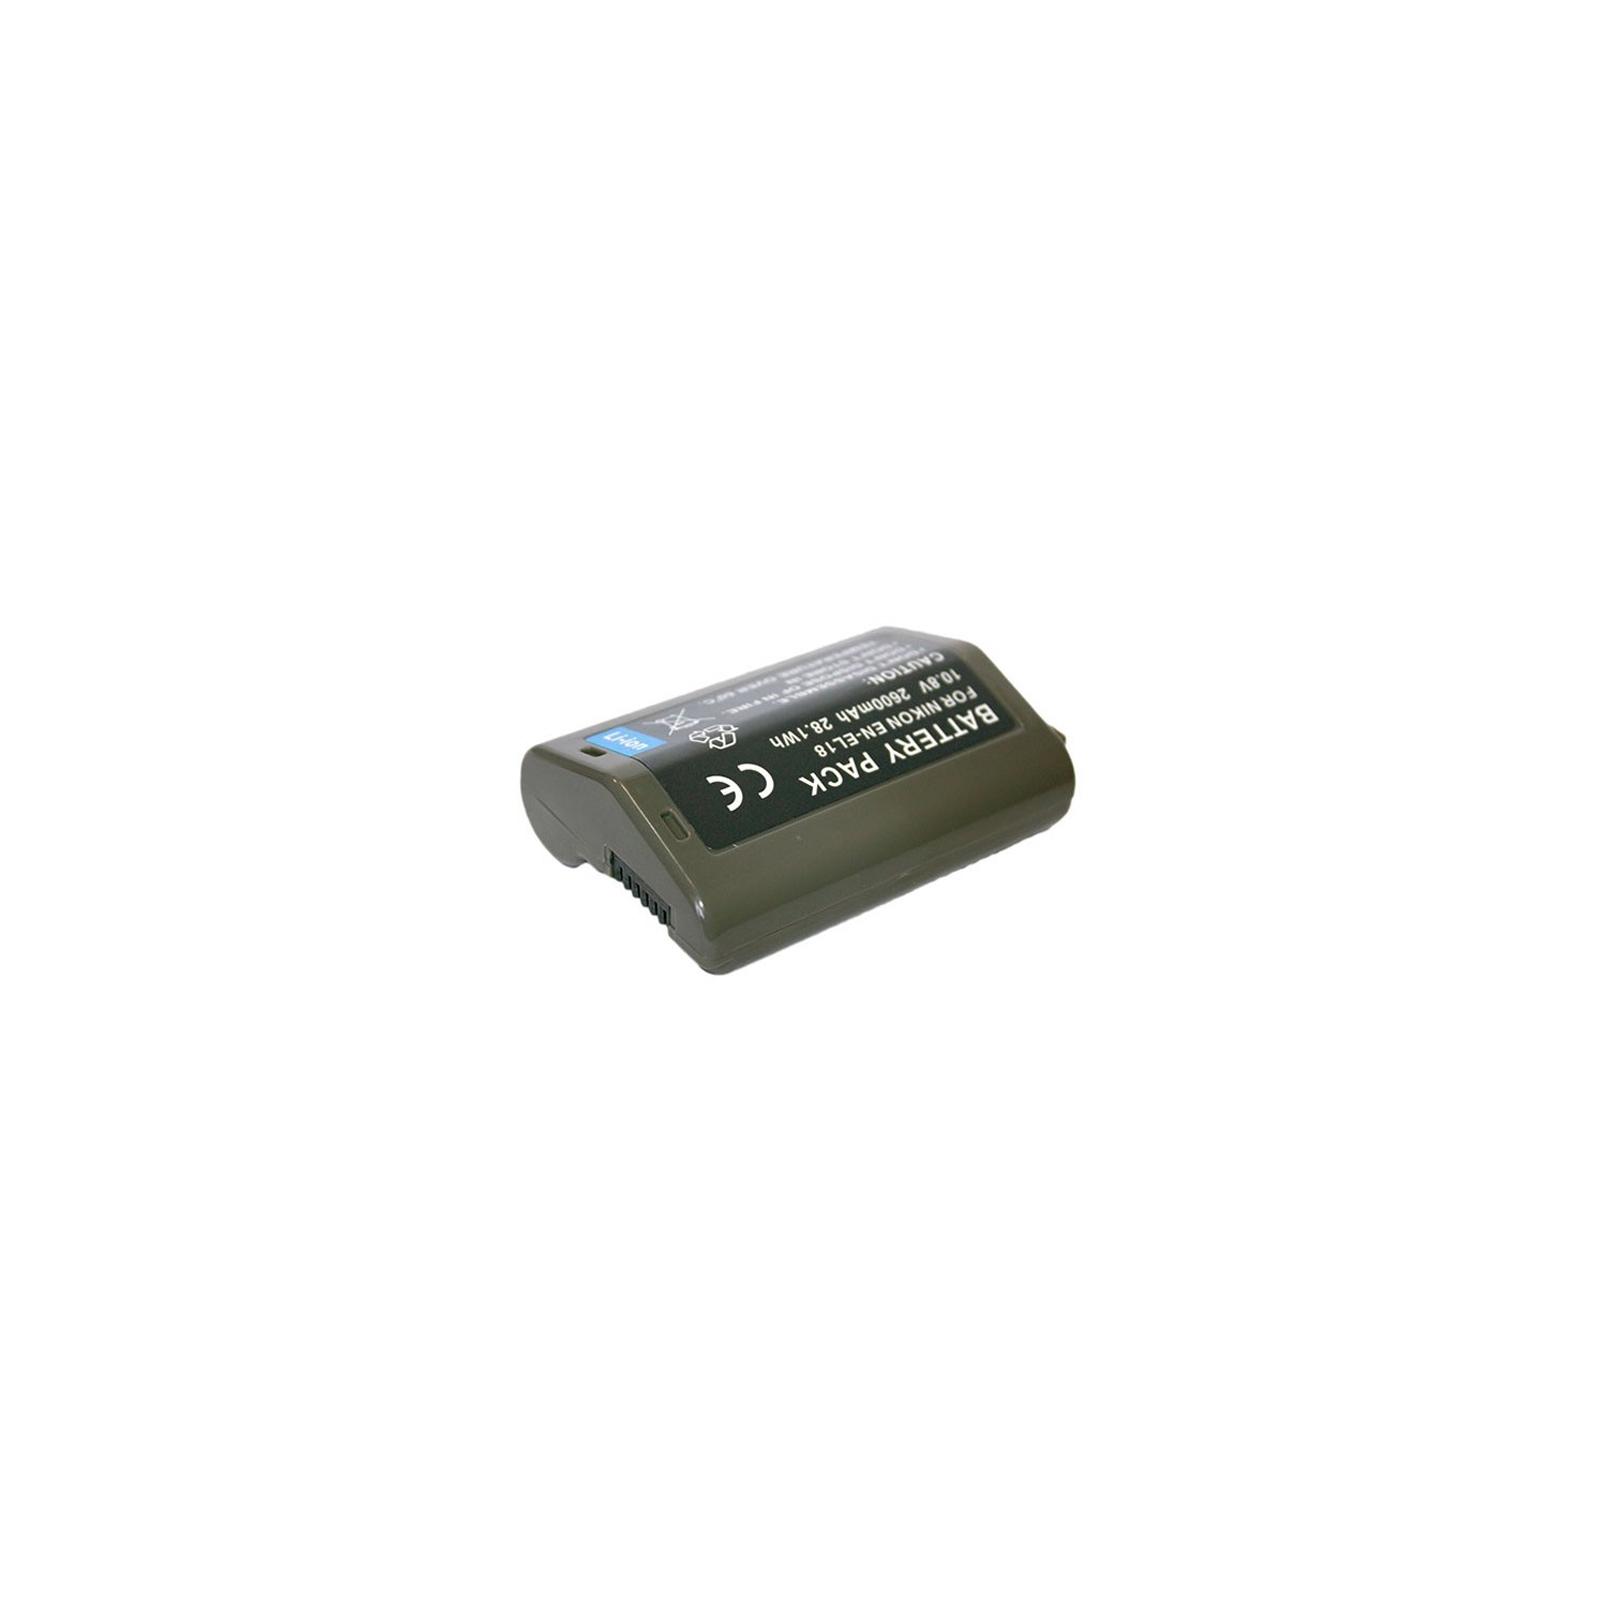 Аккумулятор к фото/видео EXTRADIGITAL Nikon EN-EL18 (DV00DV1384) изображение 2